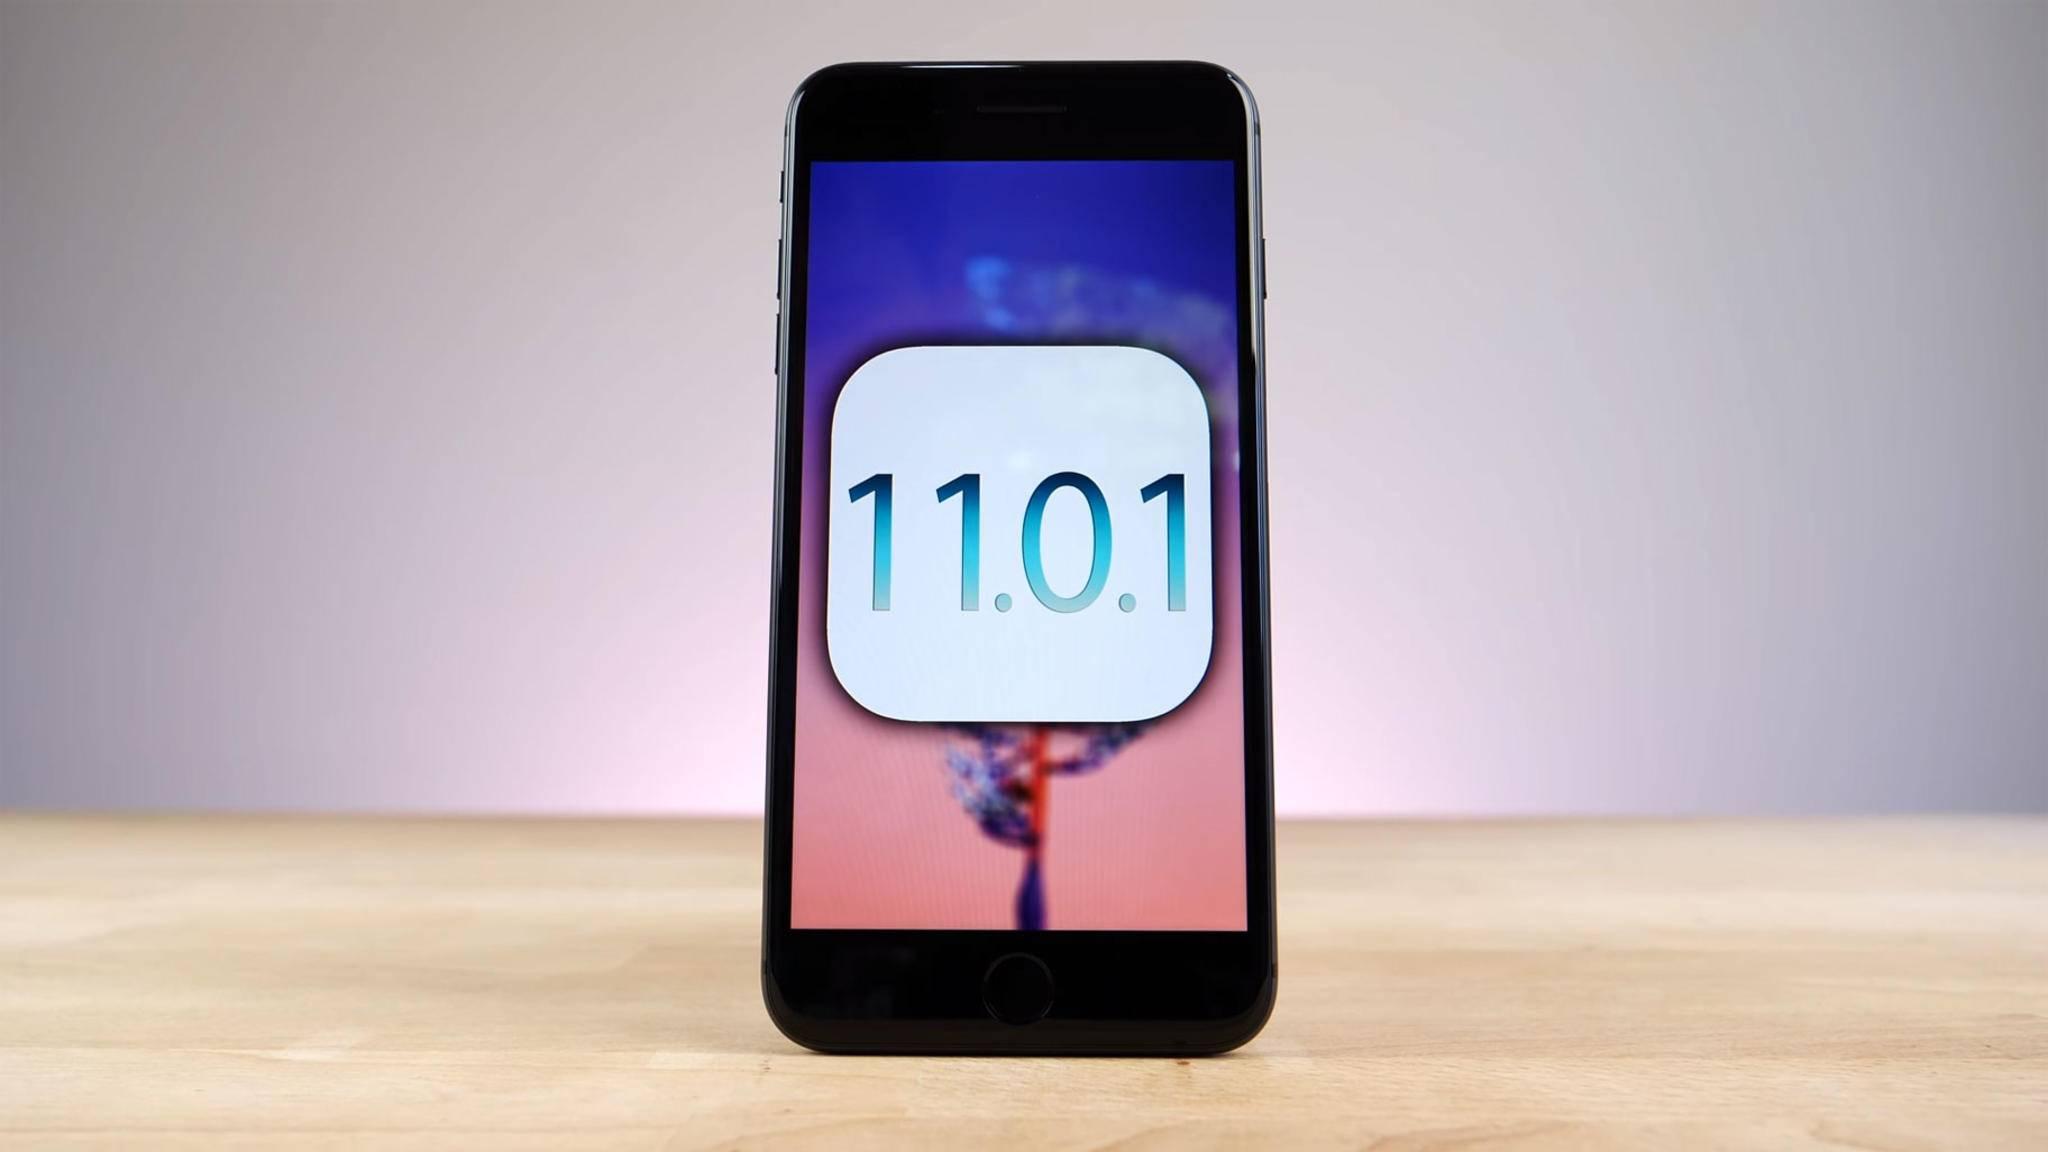 Auch iOS 11.0.1 hat noch mit diversen Problemen zu kämpfen.